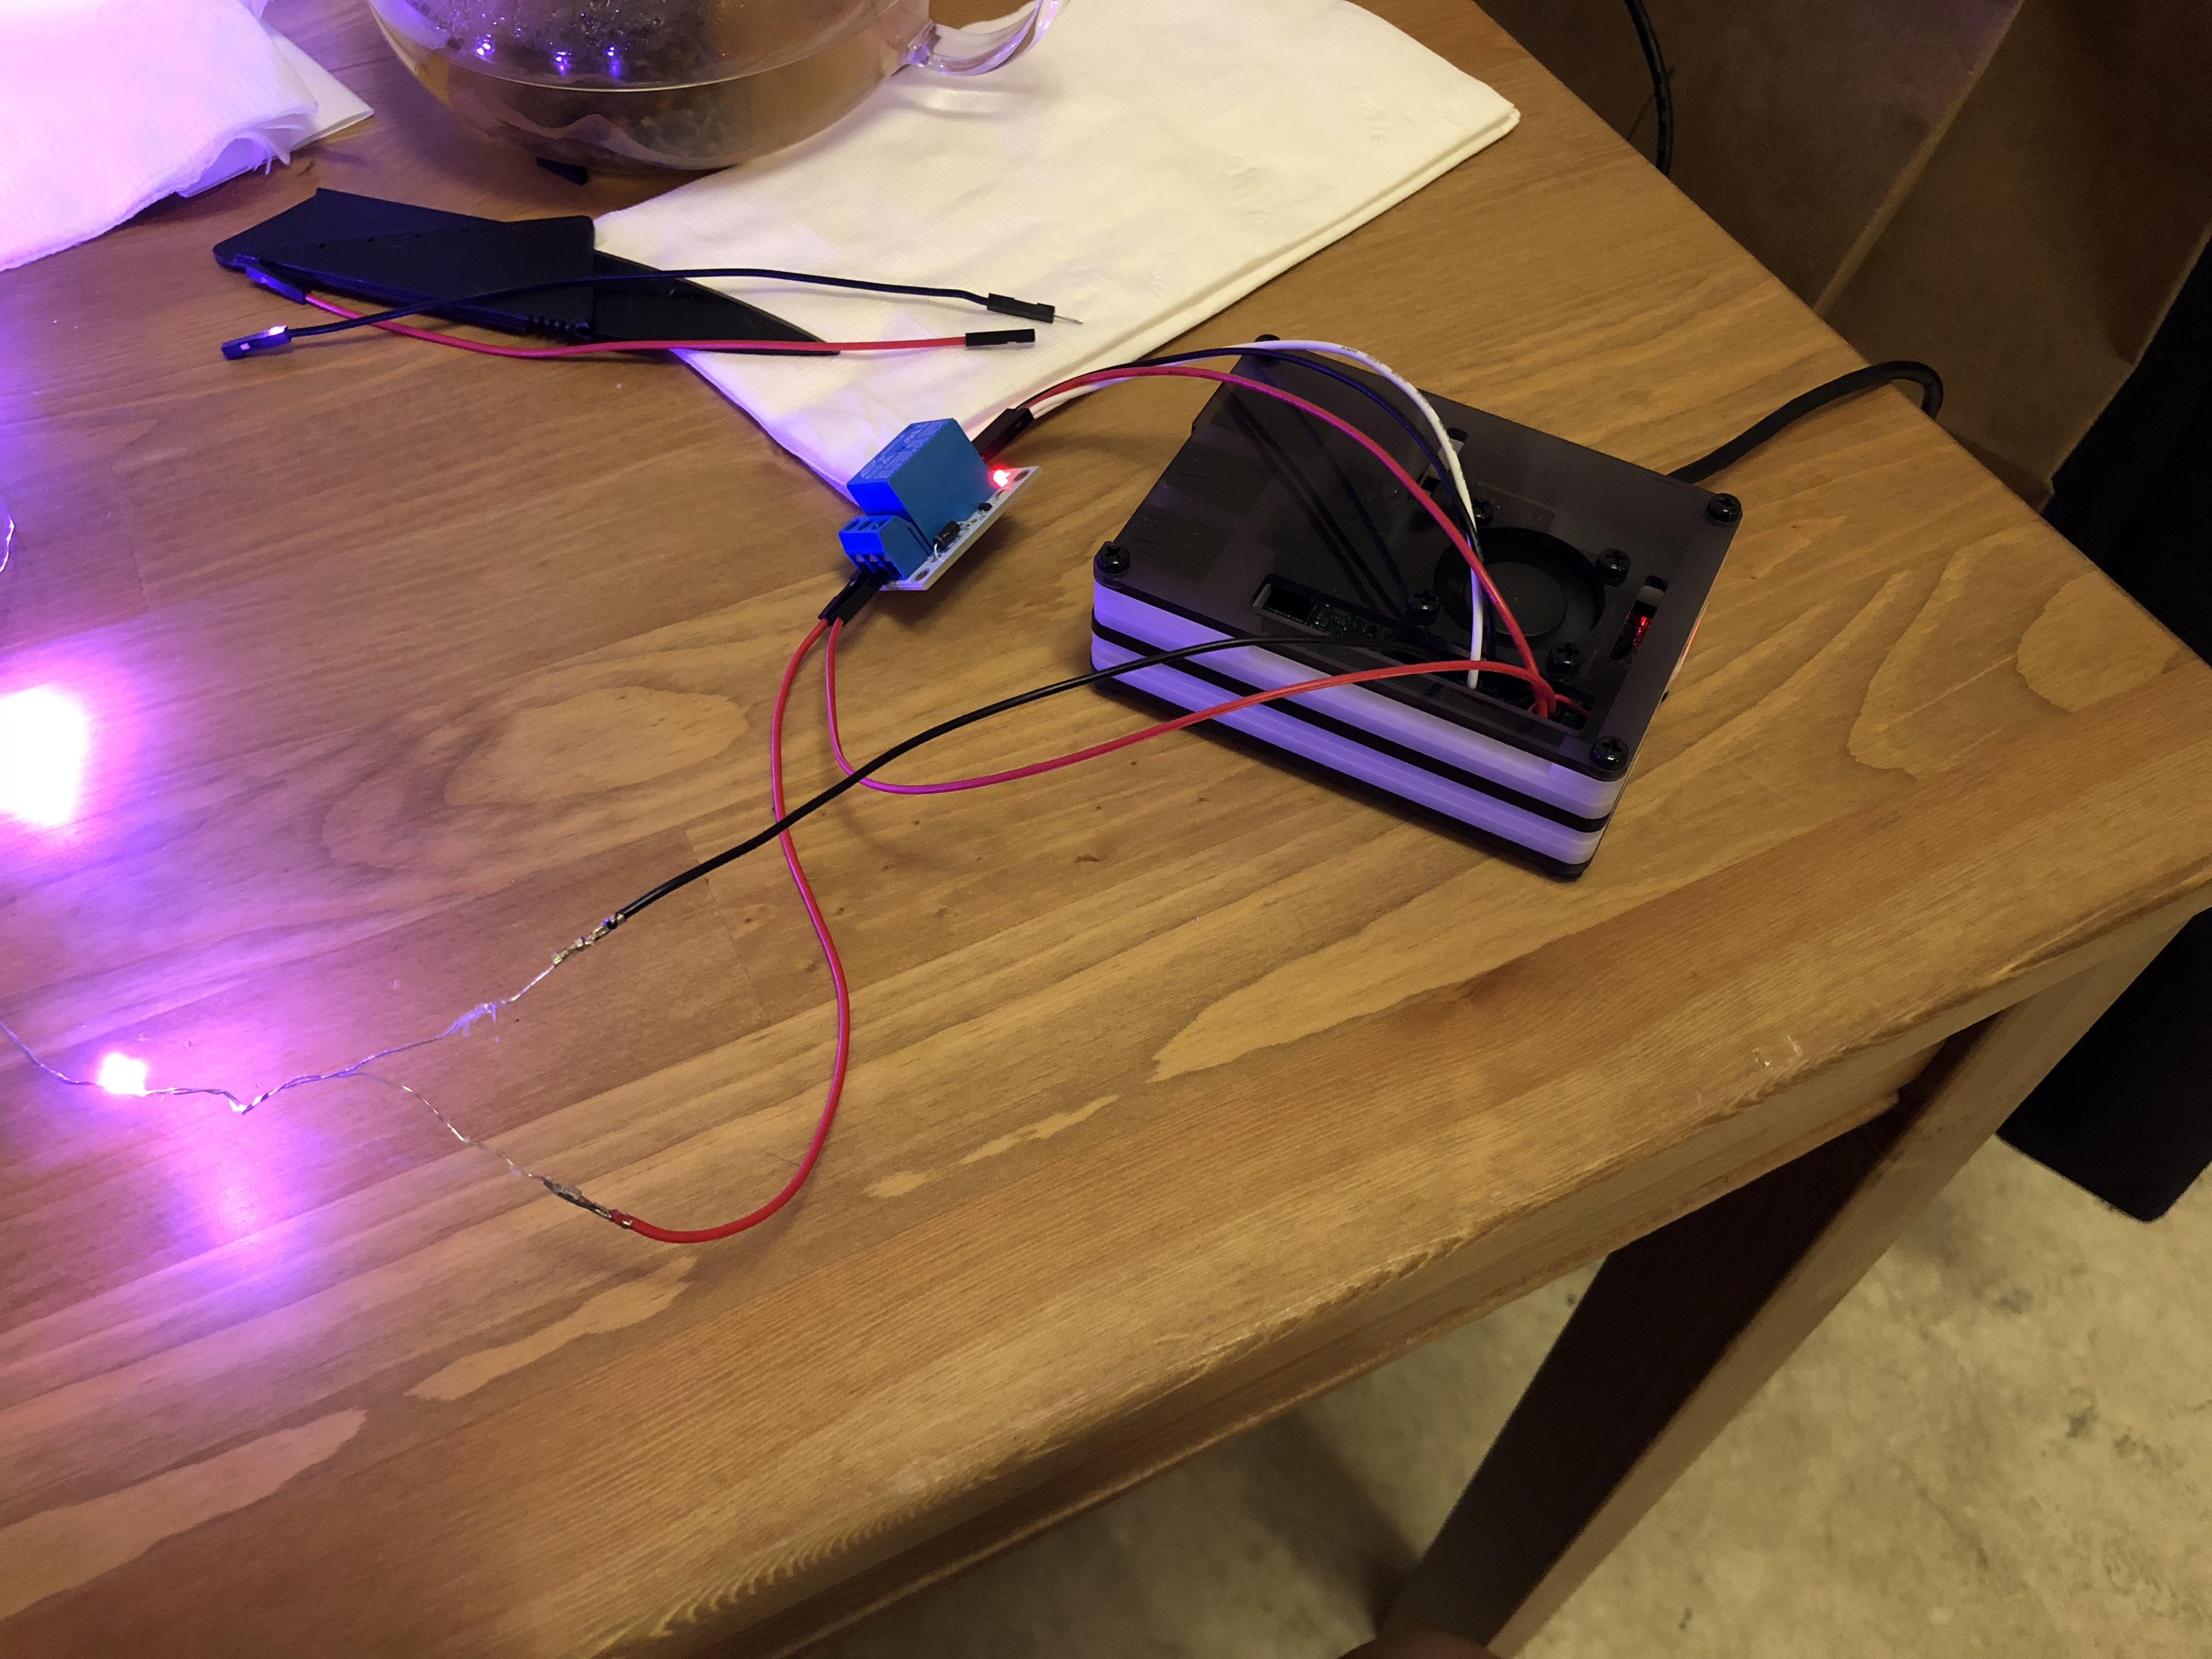 soldering is my enemy